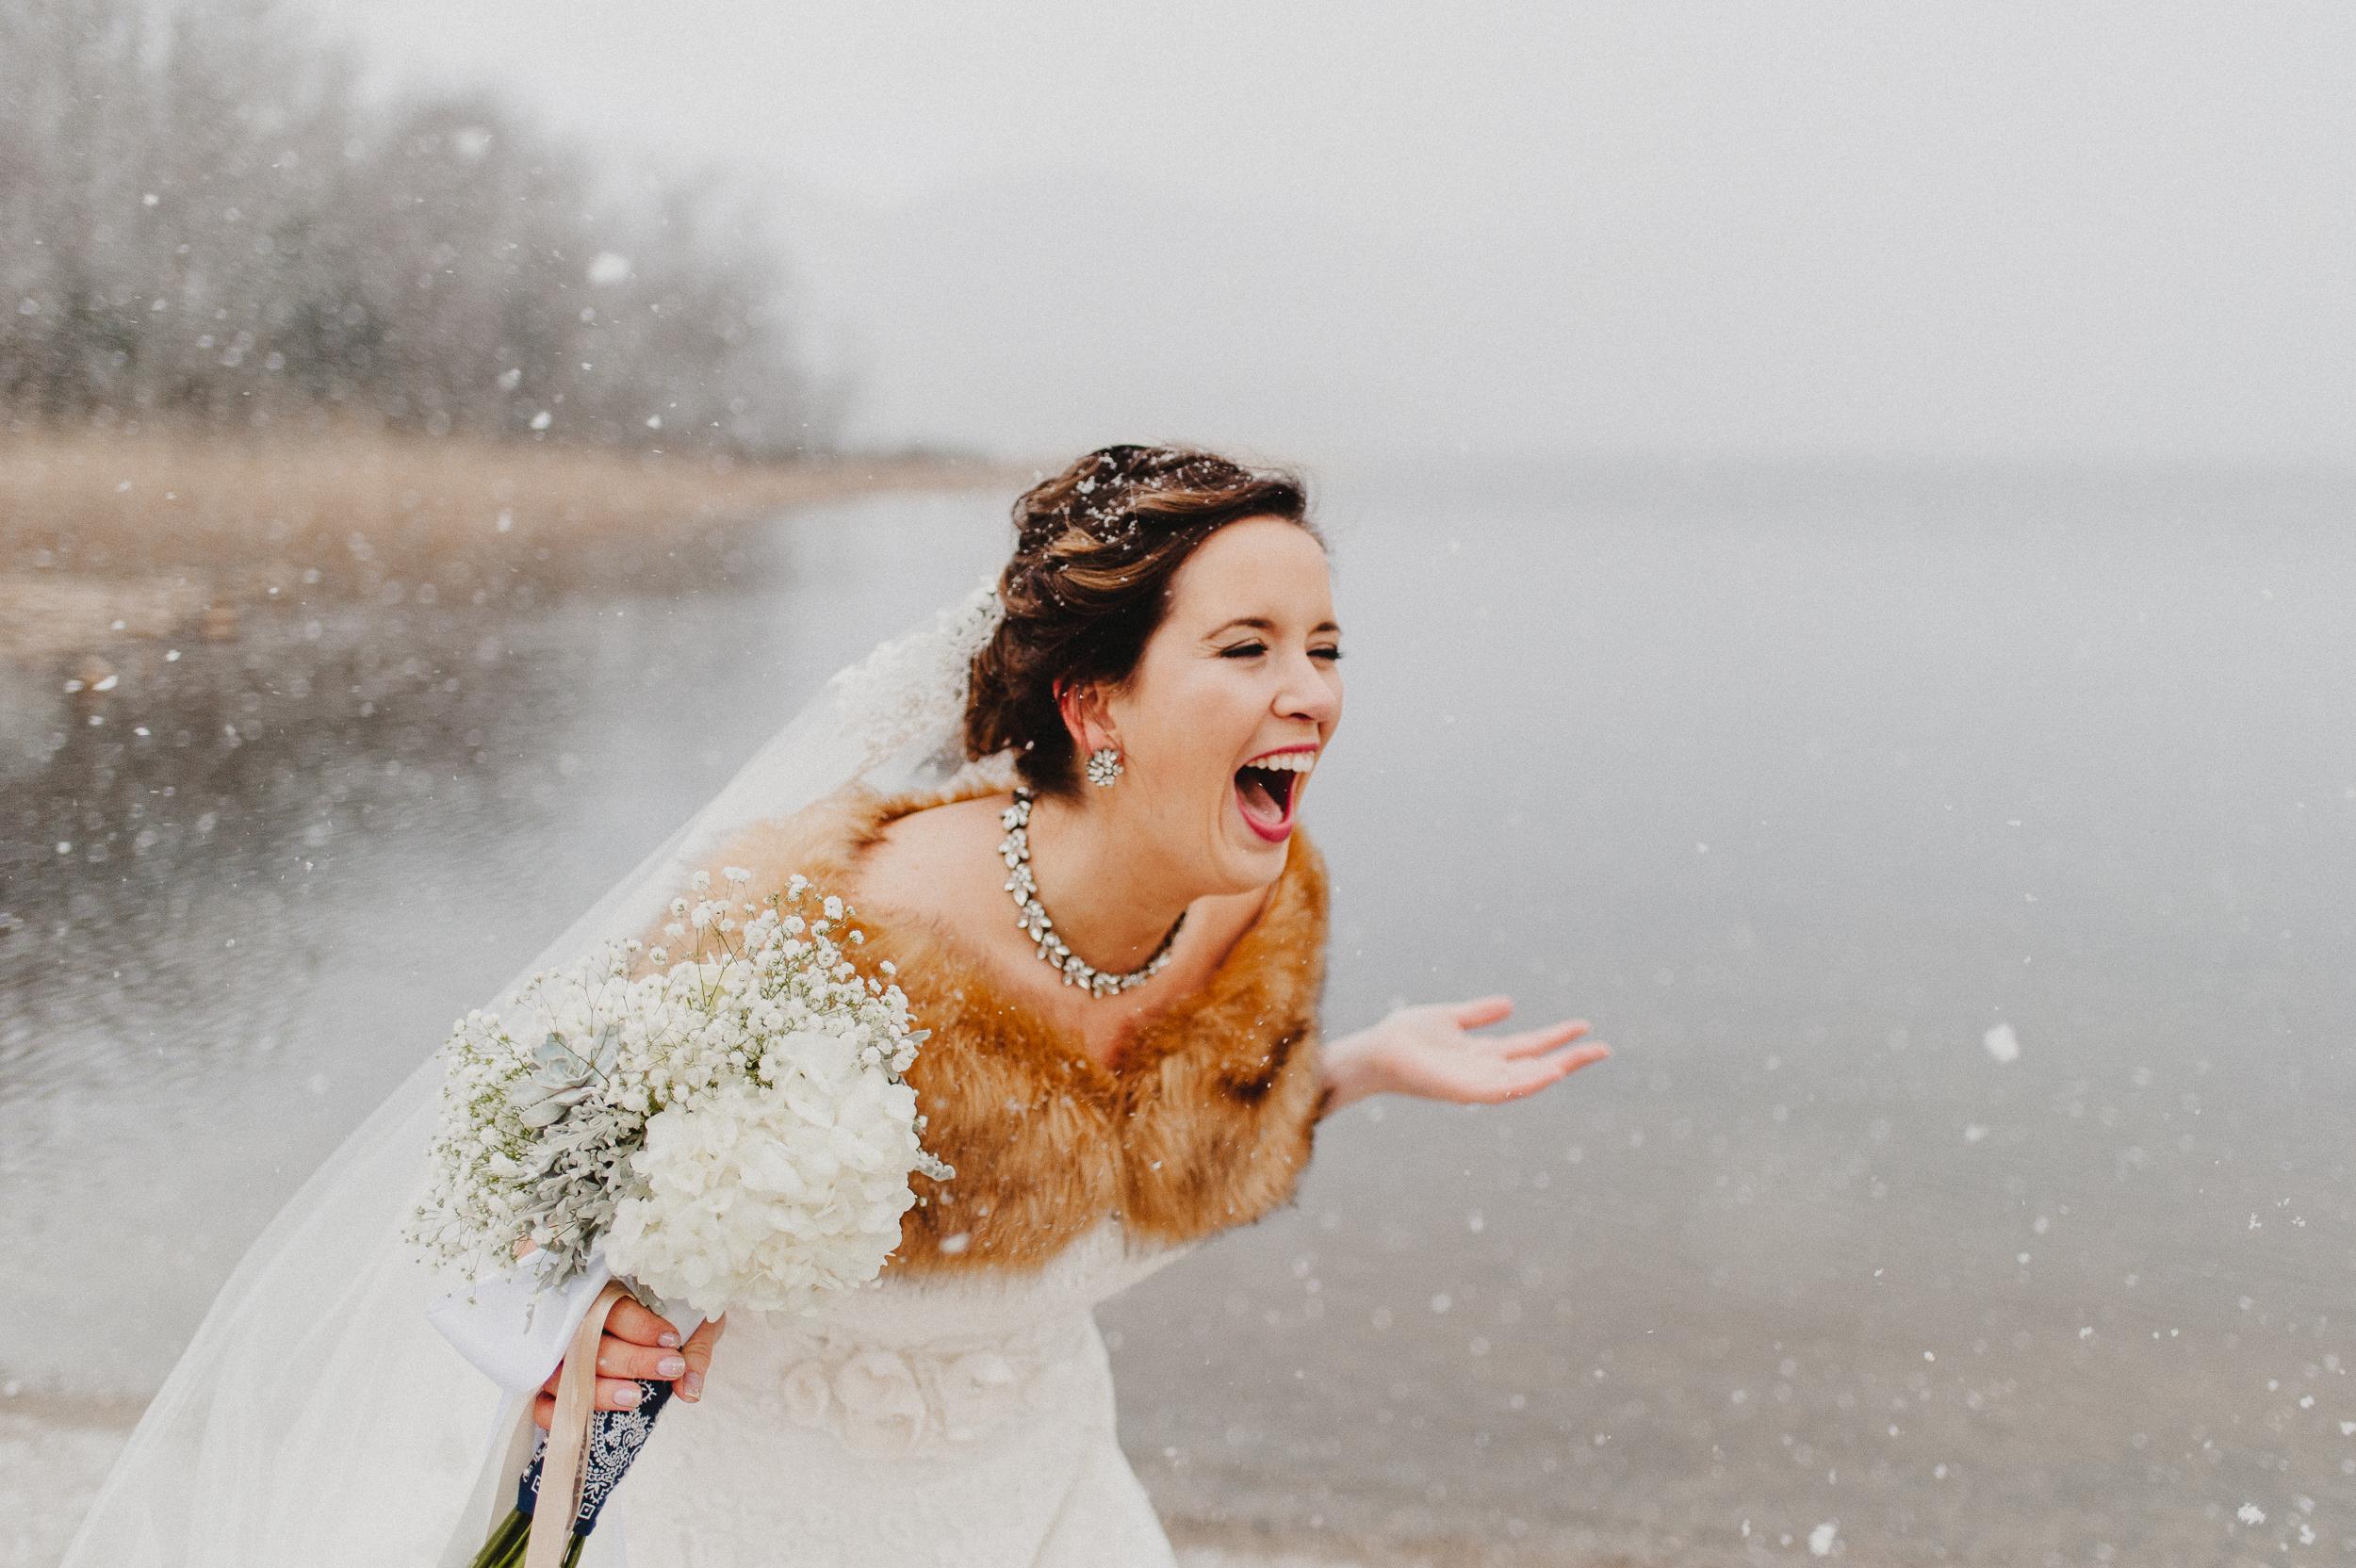 vermont-destination-wedding-photographer-32.jpg